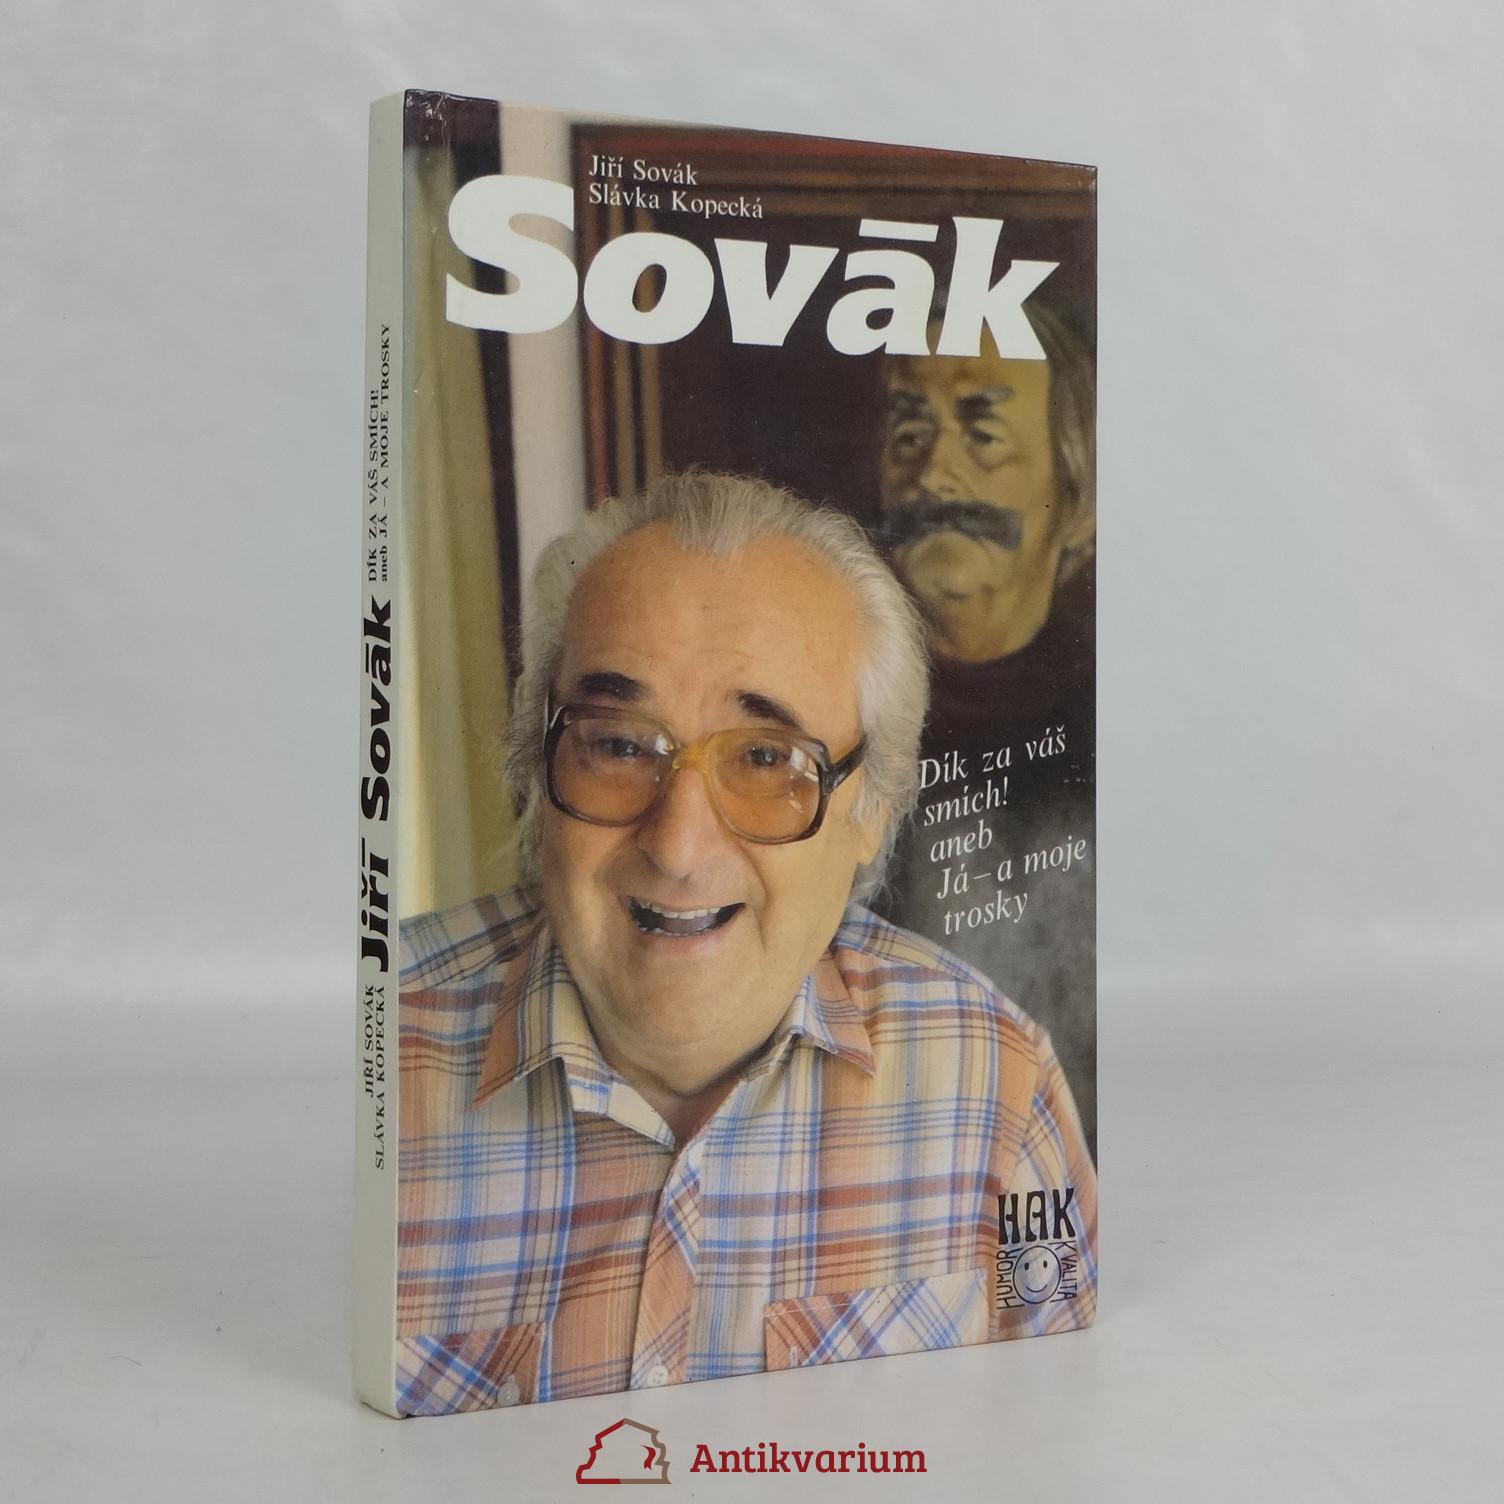 antikvární kniha Sovák: Dík za váš smích! aneb Já - a moje trosky, 1993